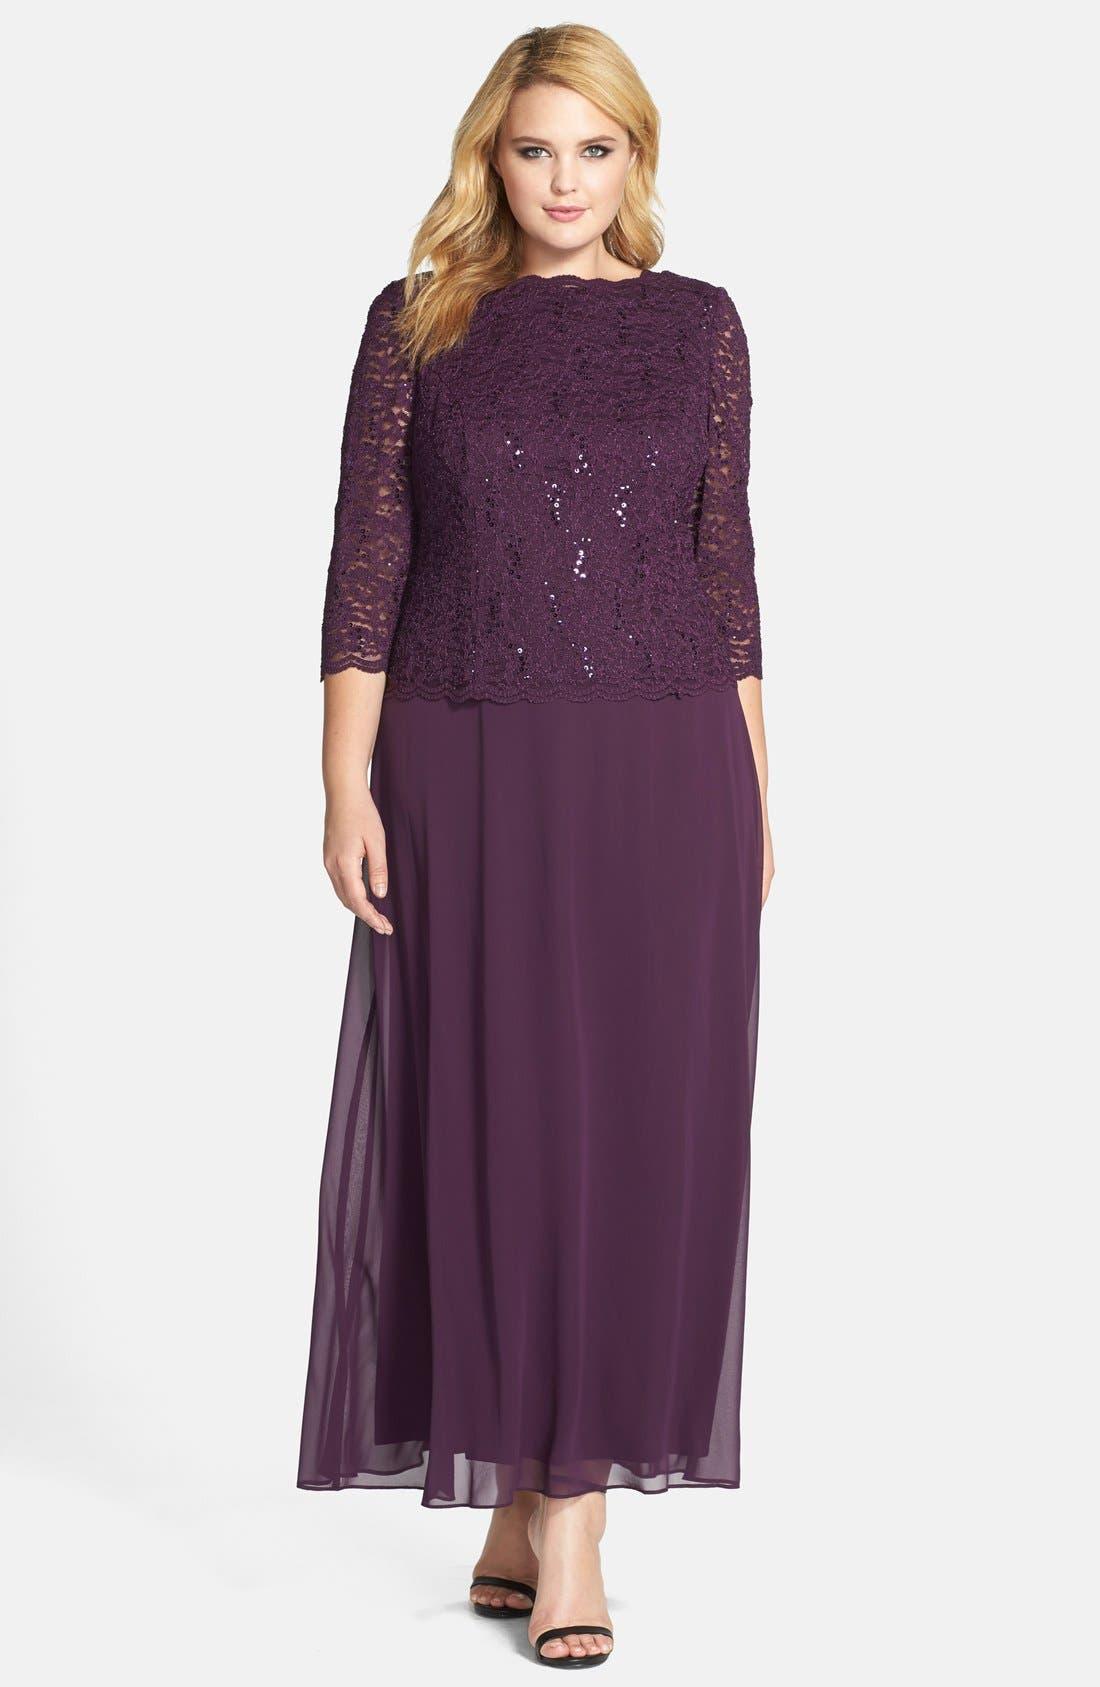 Alex Evening Dresses Plus Size Formal Dresses